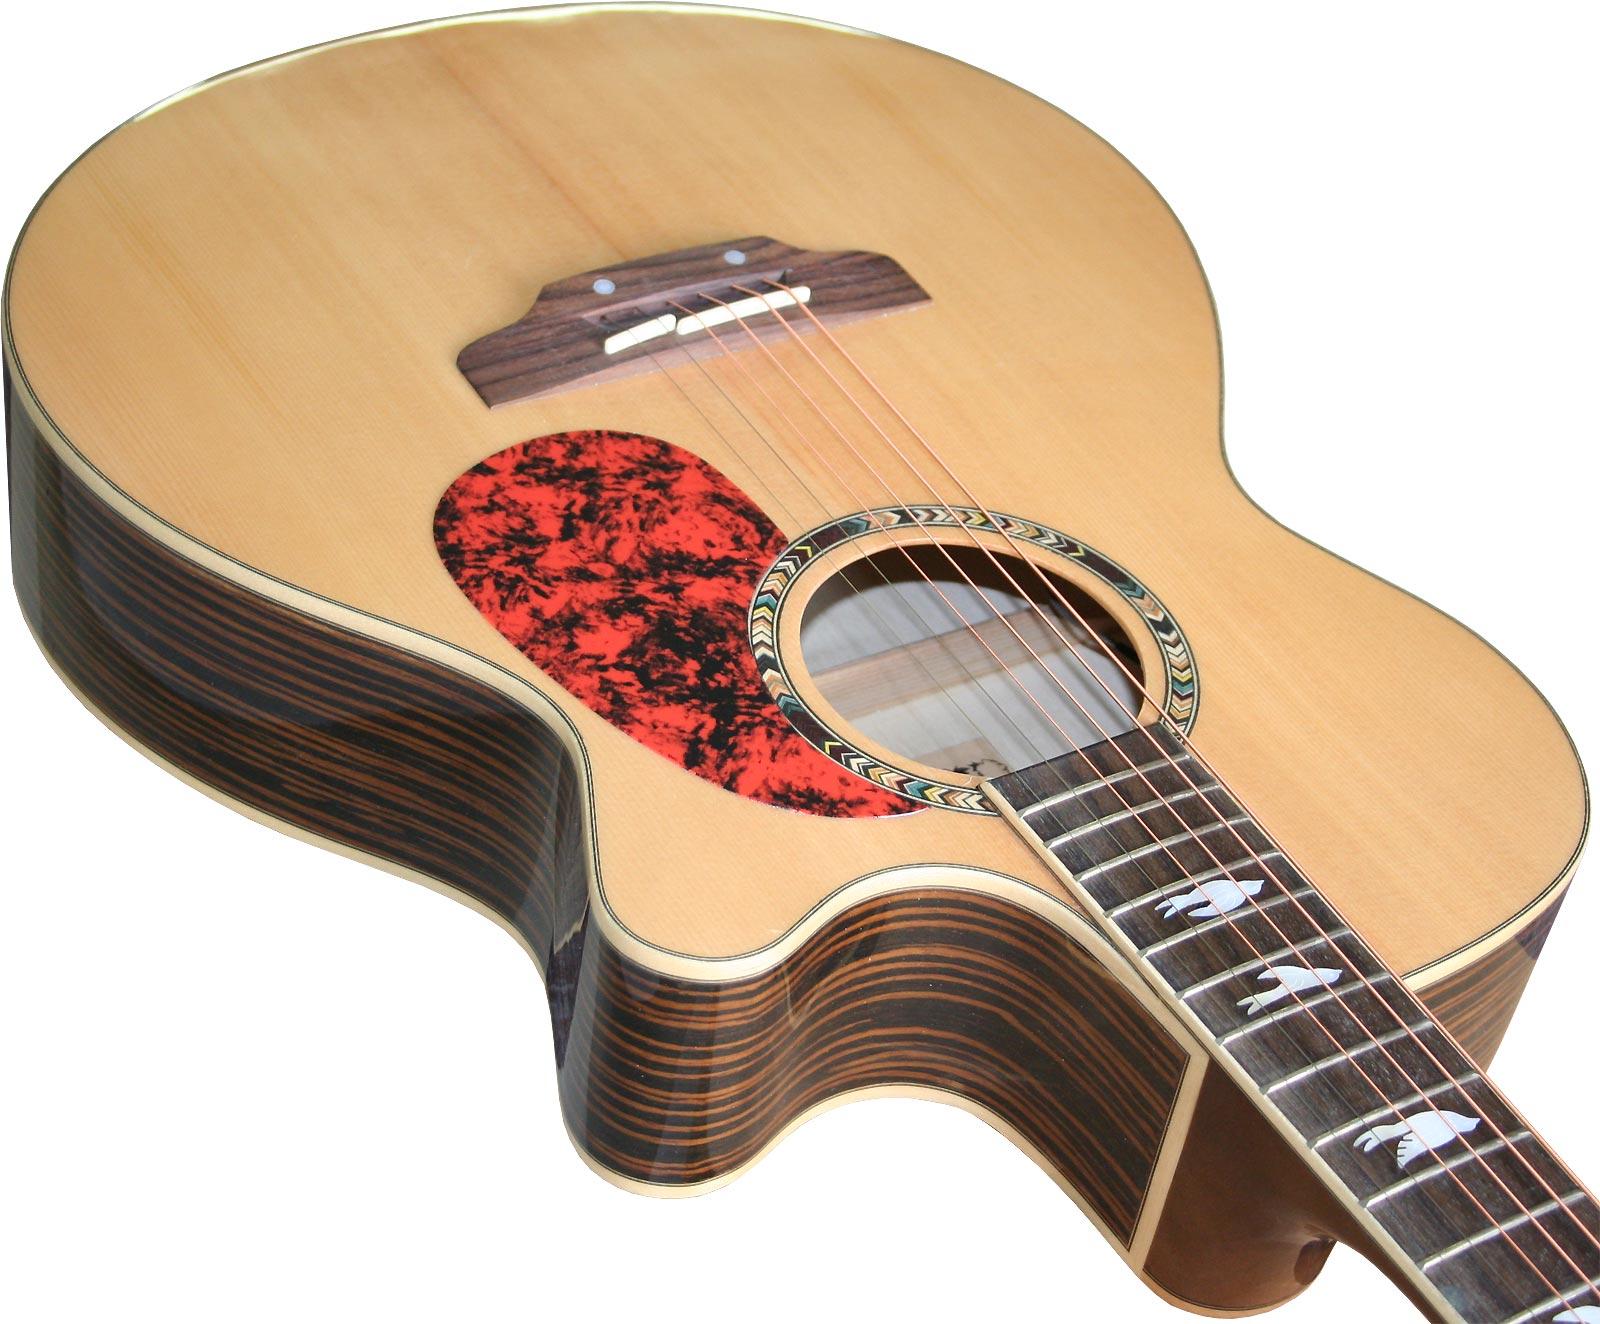 Western-Gitarre-massive-Fichten-Decke-Cutaway-mit-Tonabnehmer